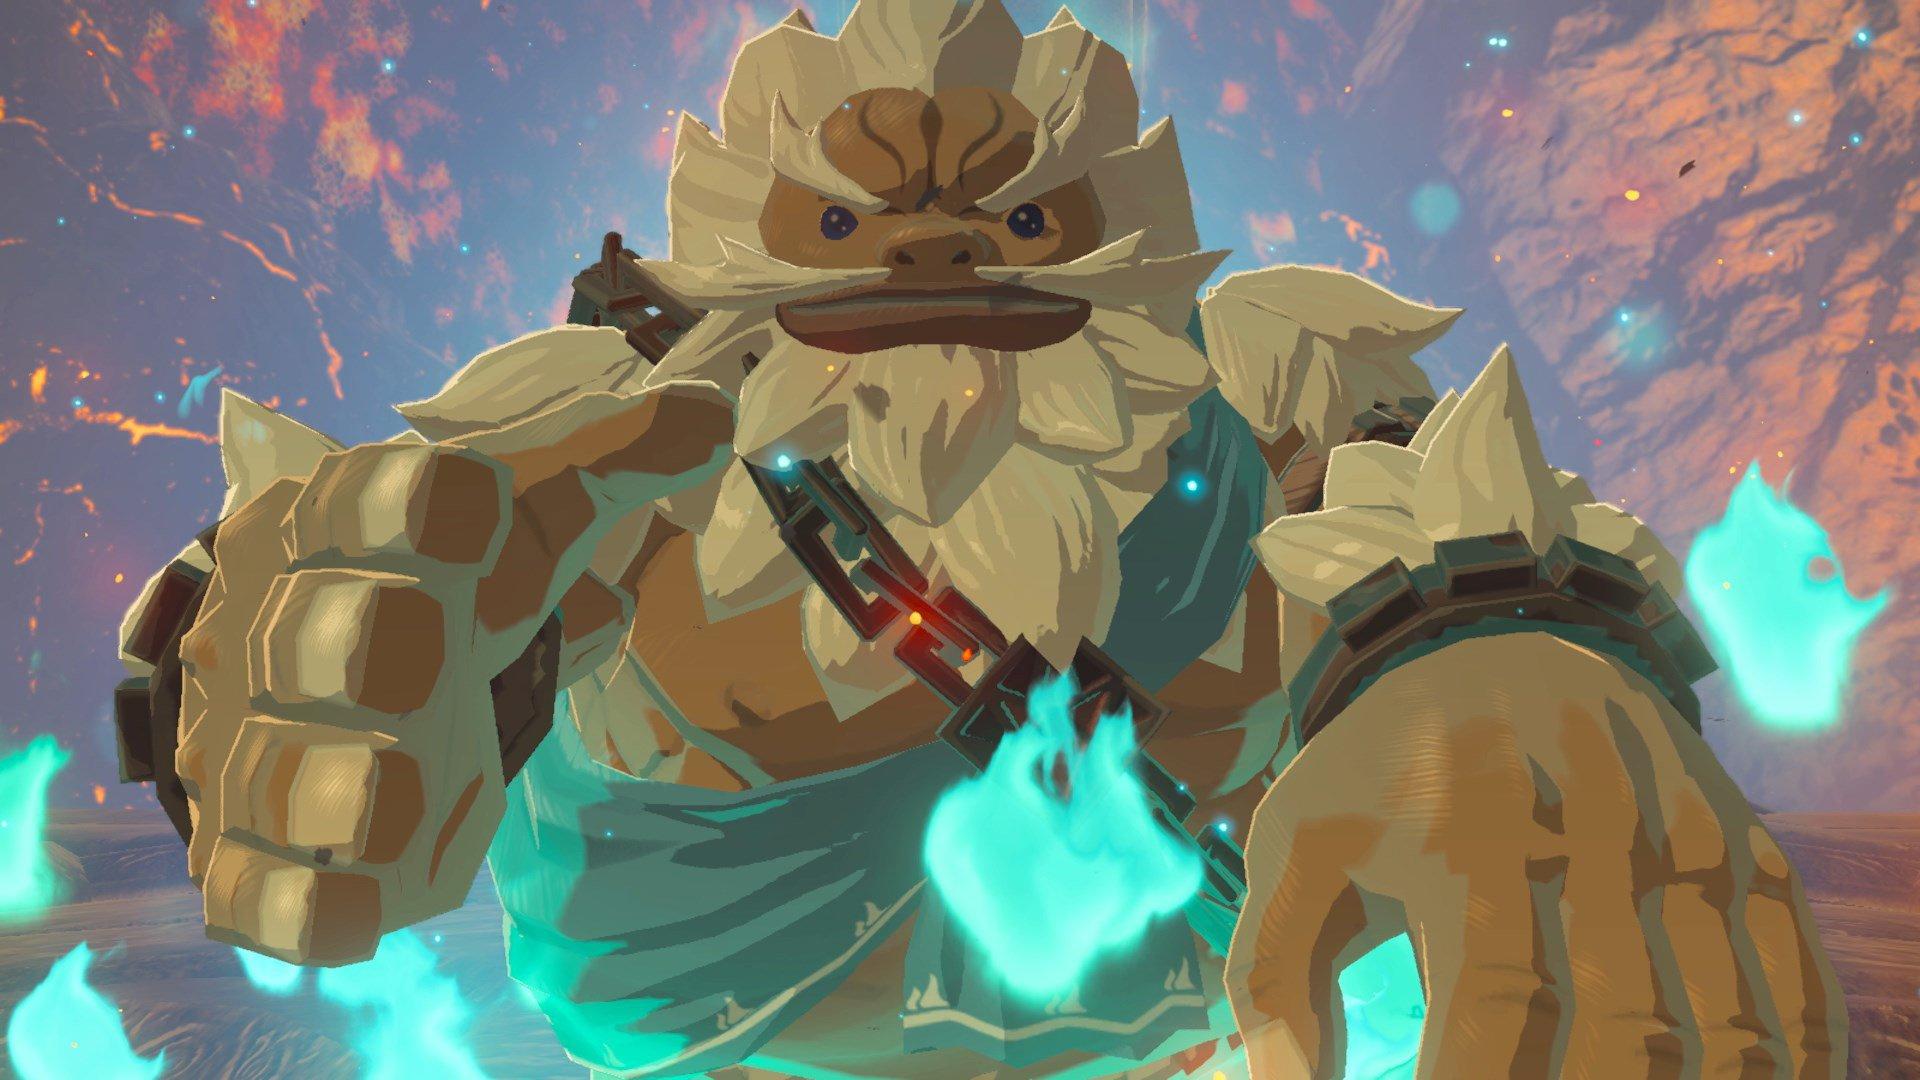 Zelda: Breath of the Wild update adds voice language options screenshot